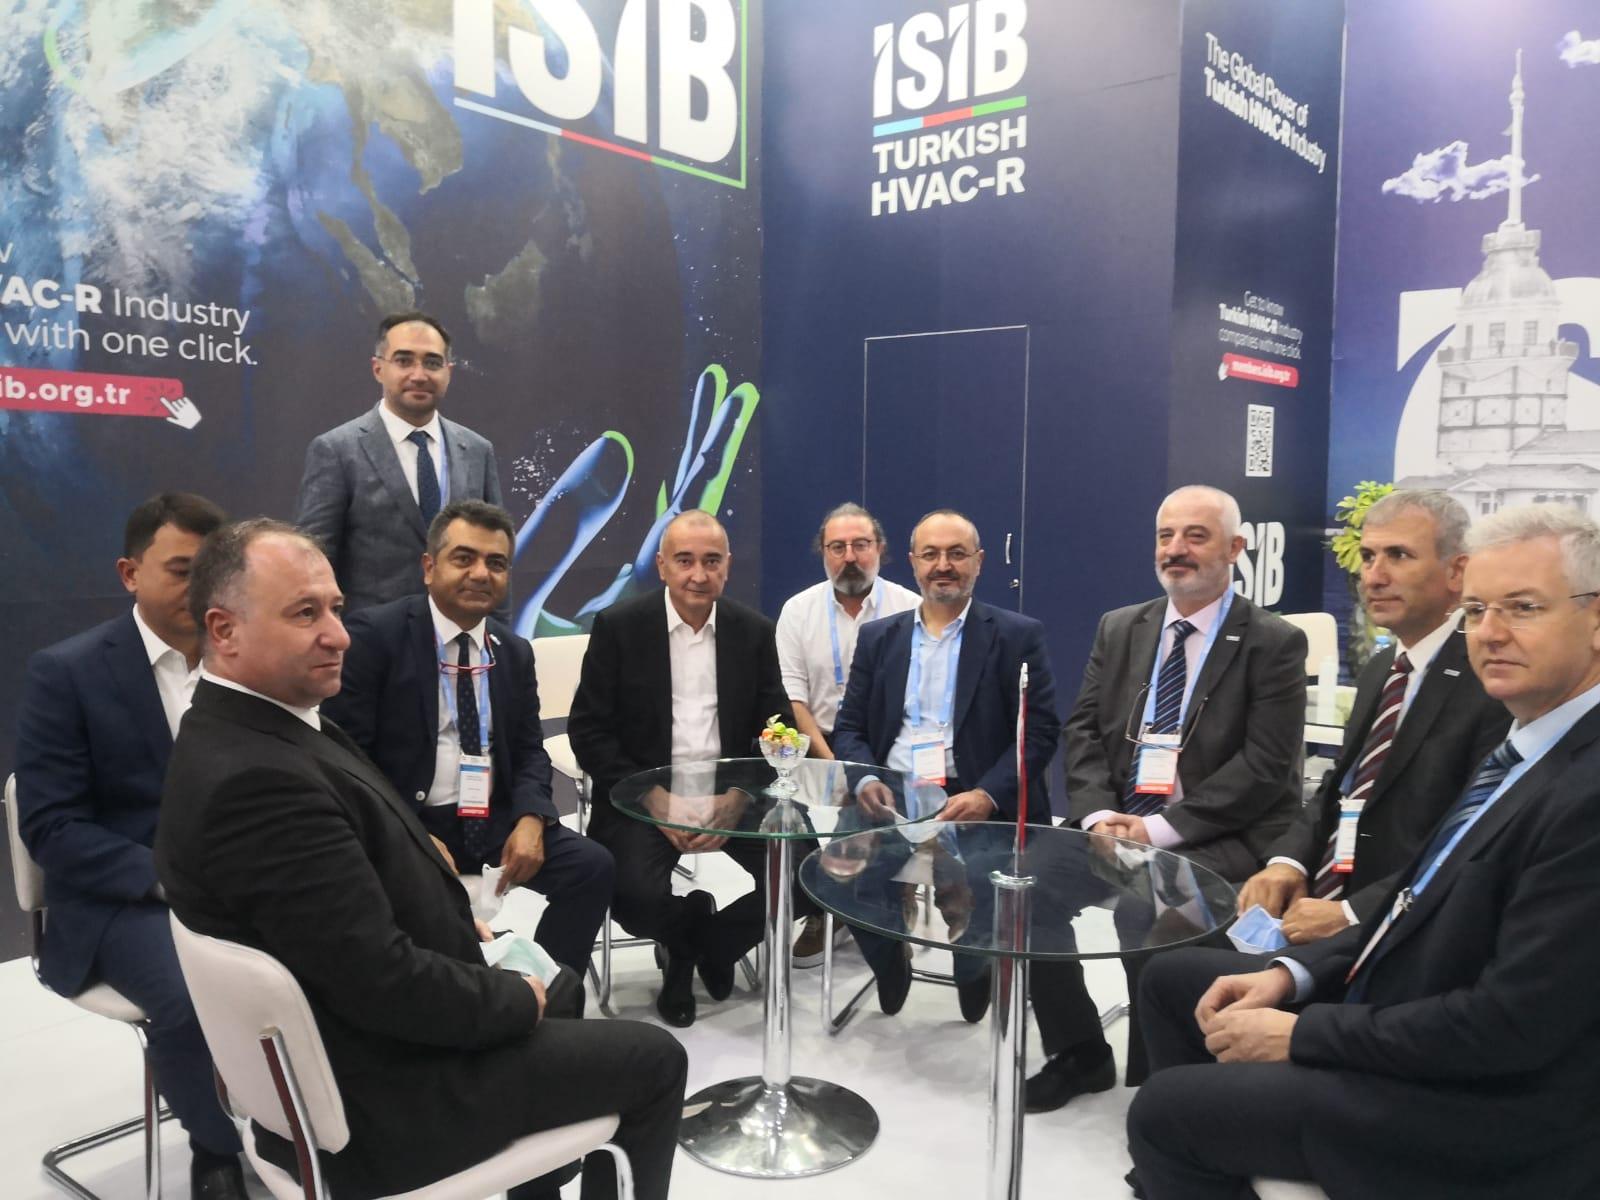 İSİB, Özbekistanda'ki Aquatherm Tashkent Fuarı'nda  Türk İklimlendirme Sektörünü Temsil Etti